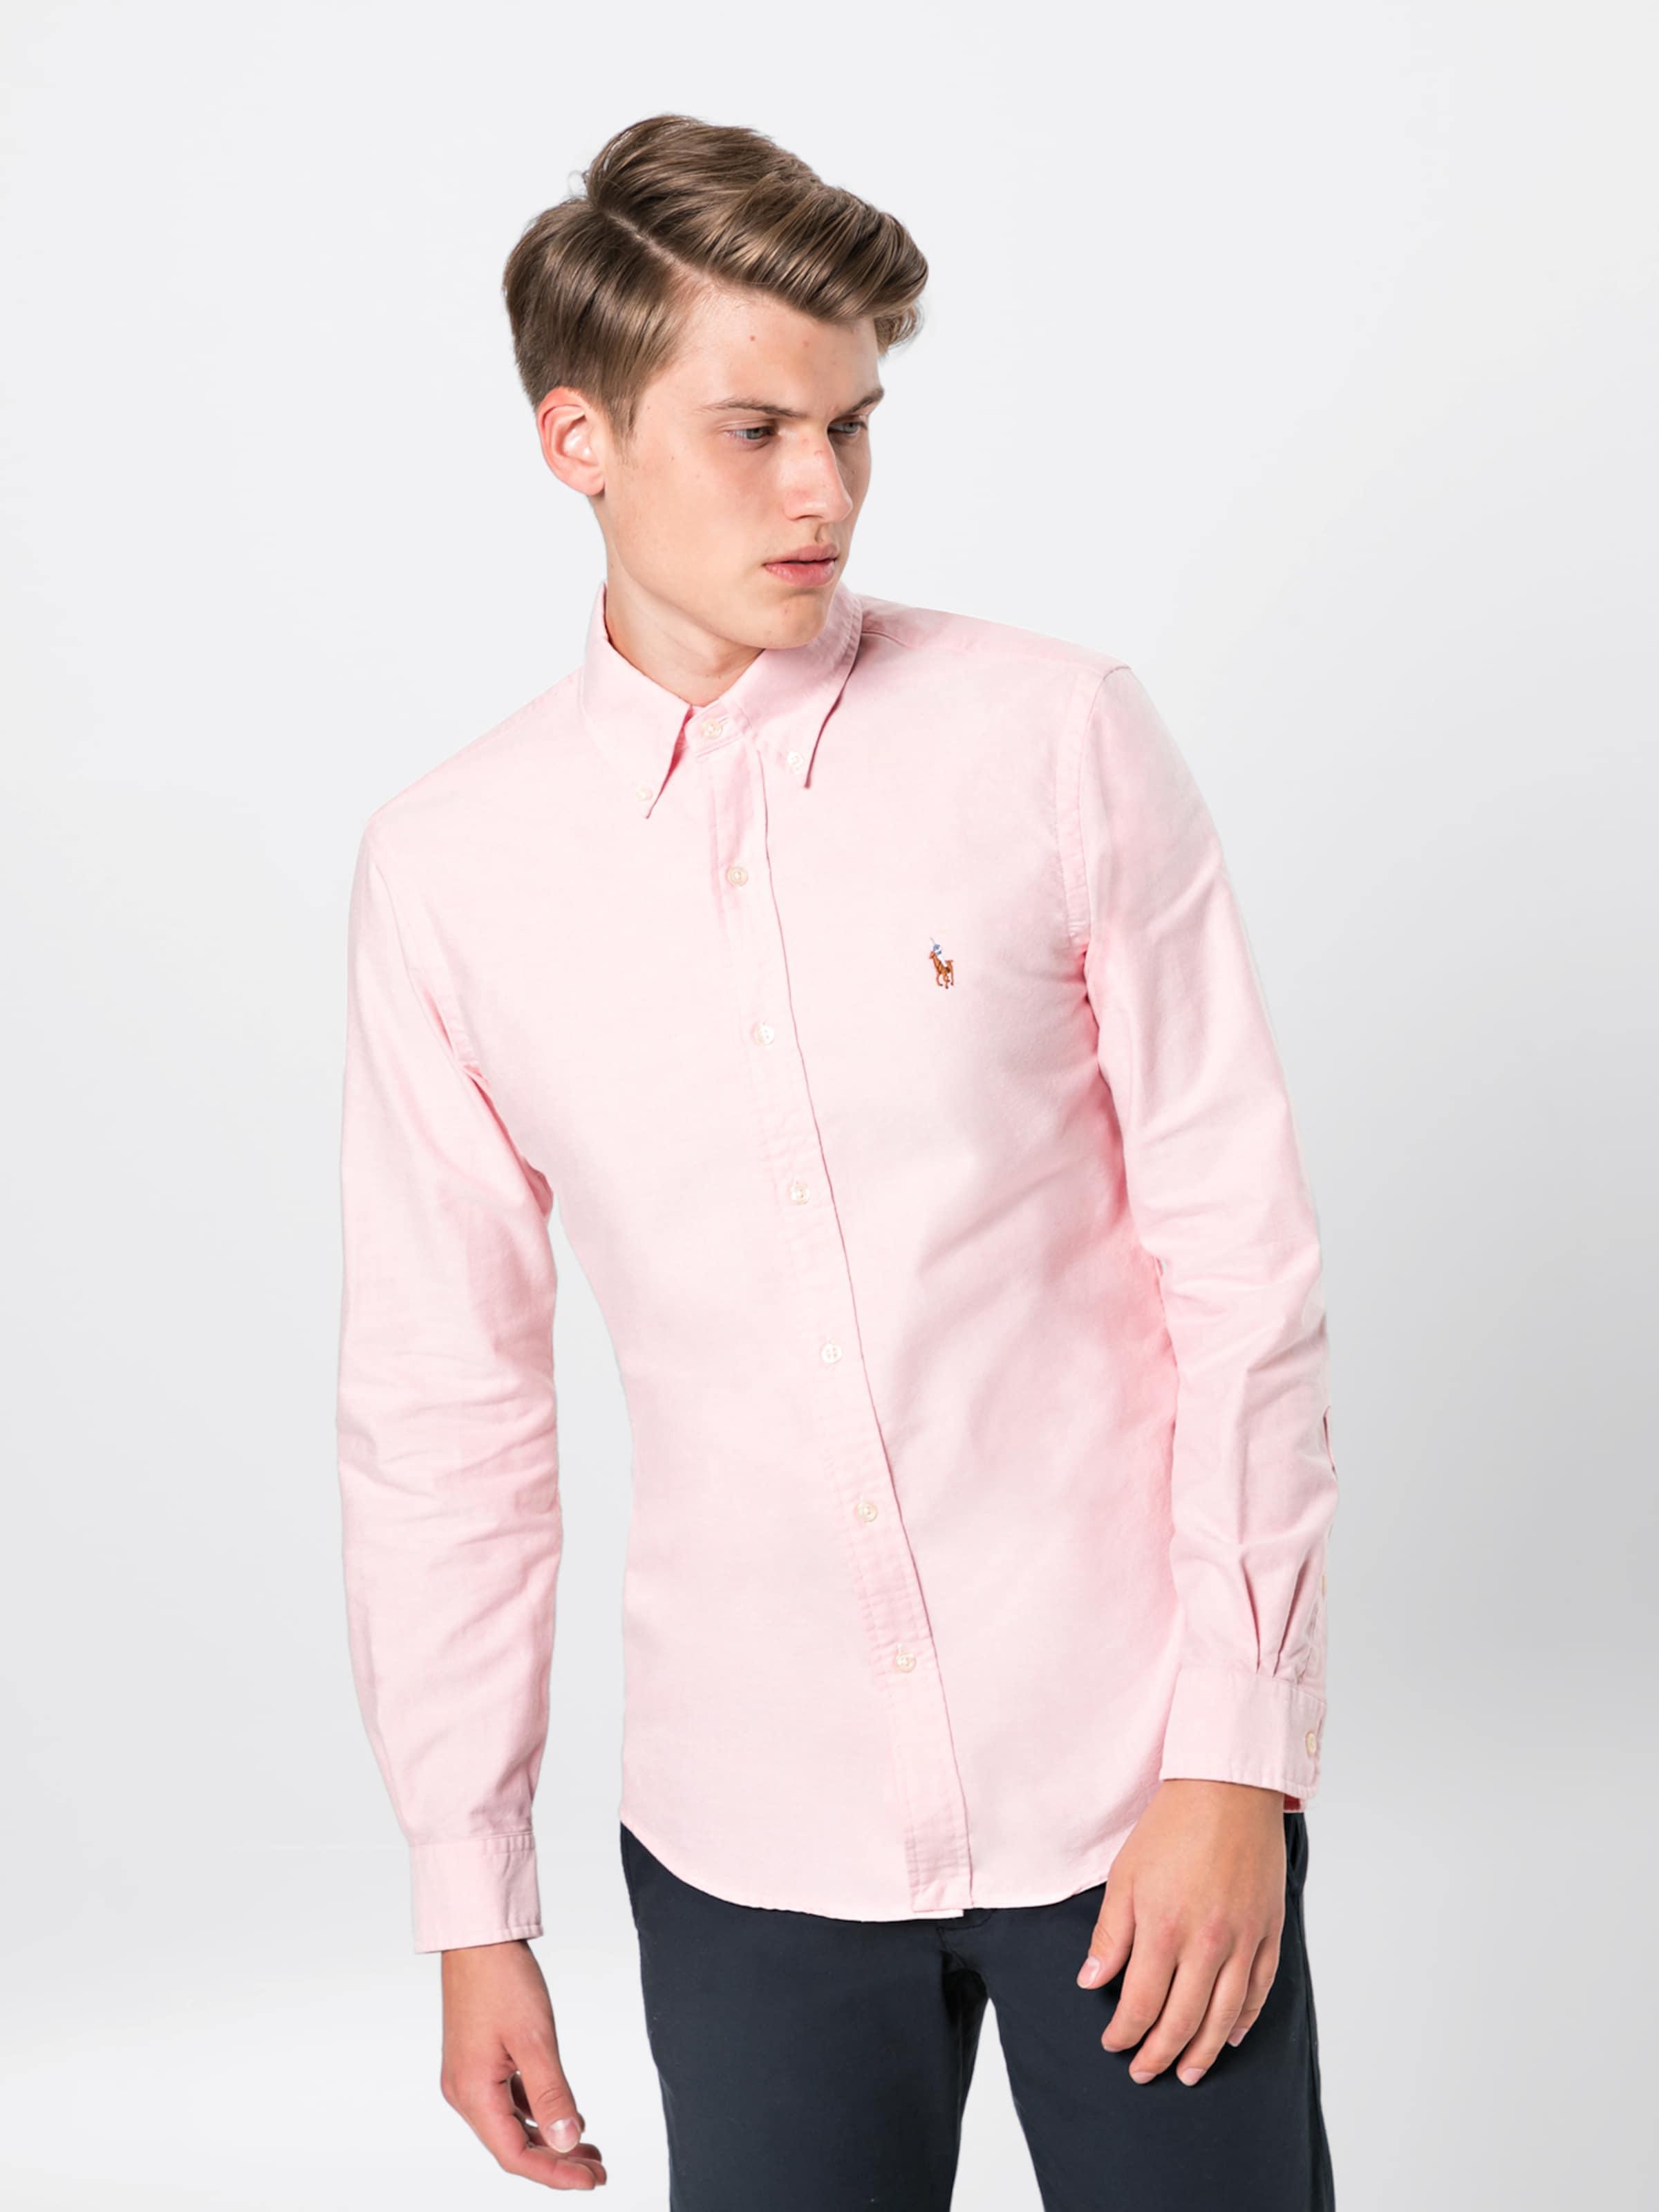 Polo Blanc Sp Ralph Shirt' En Chemise Lauren Bd 'sl long Sleeve sport Ppc SqzUVpGM